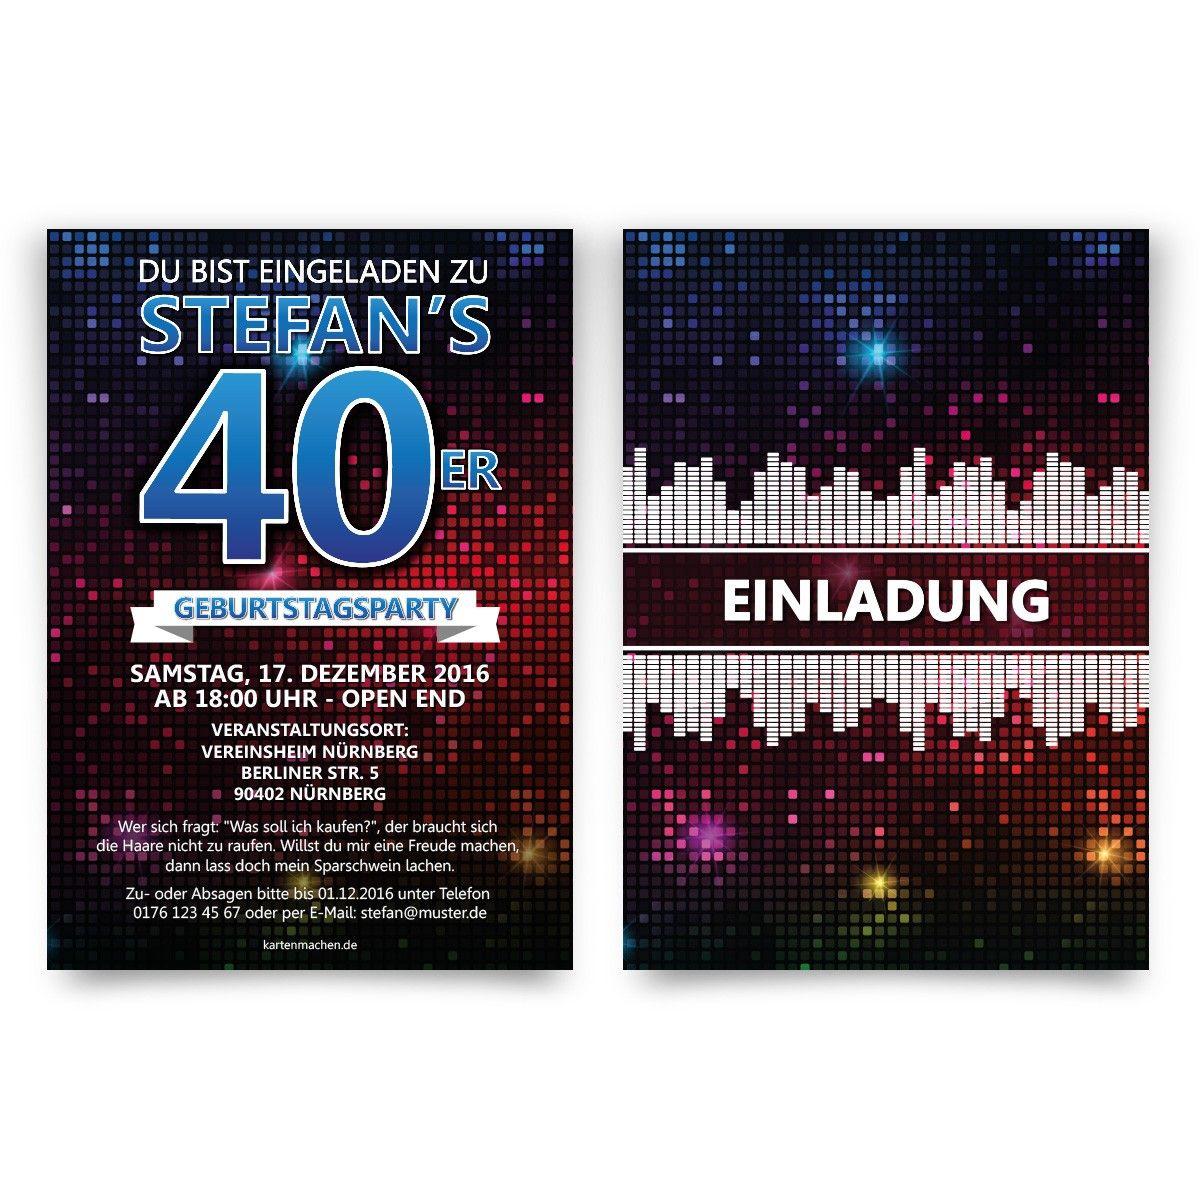 Einladungskarten Geburtstag   Disco #geburtstag #einladung  #geburtstagseinladung #disco #party #feiern